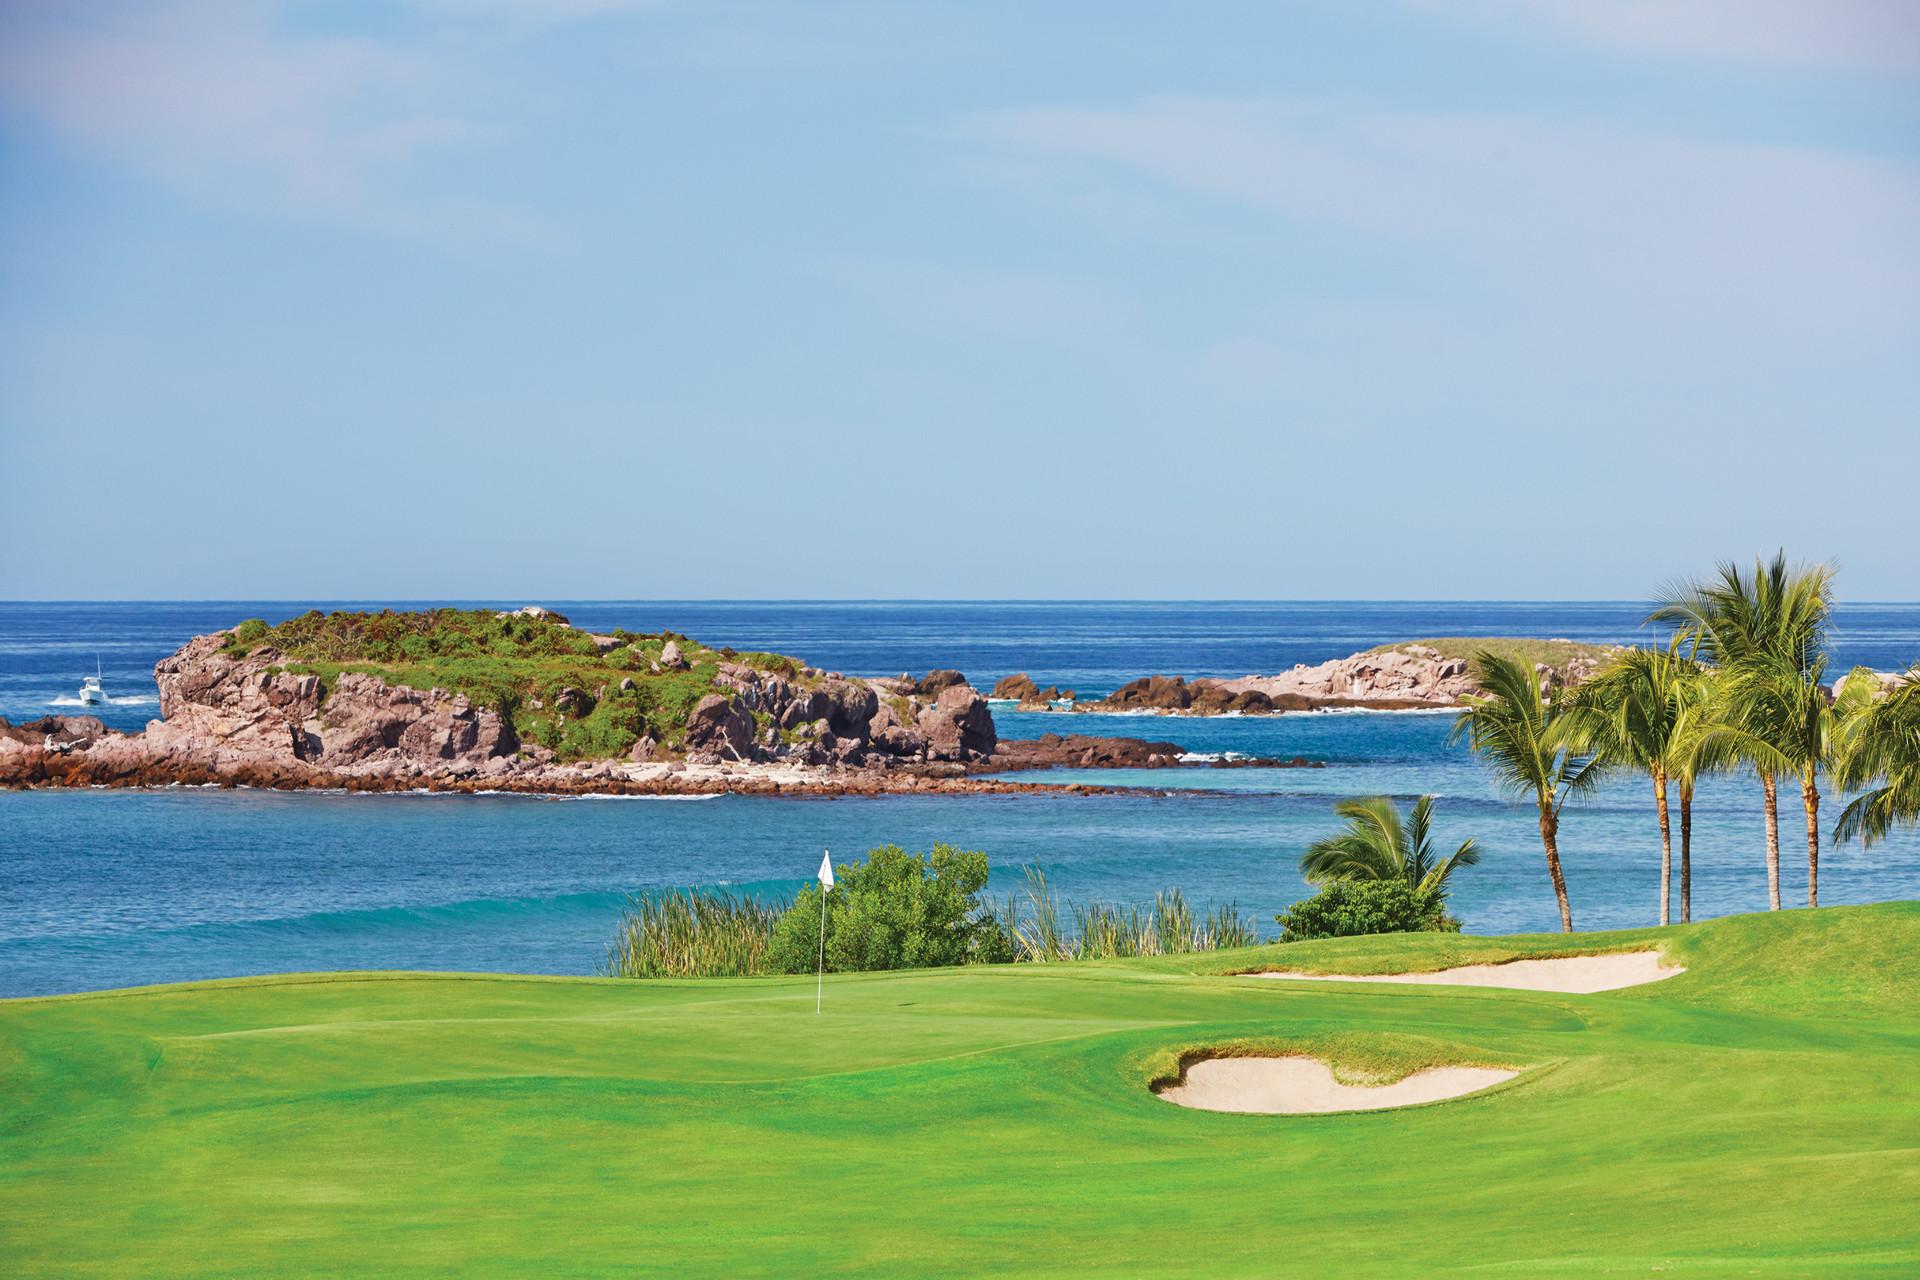 Creaciones gourmet y torneos de golf invaden la Riviera Nayarit